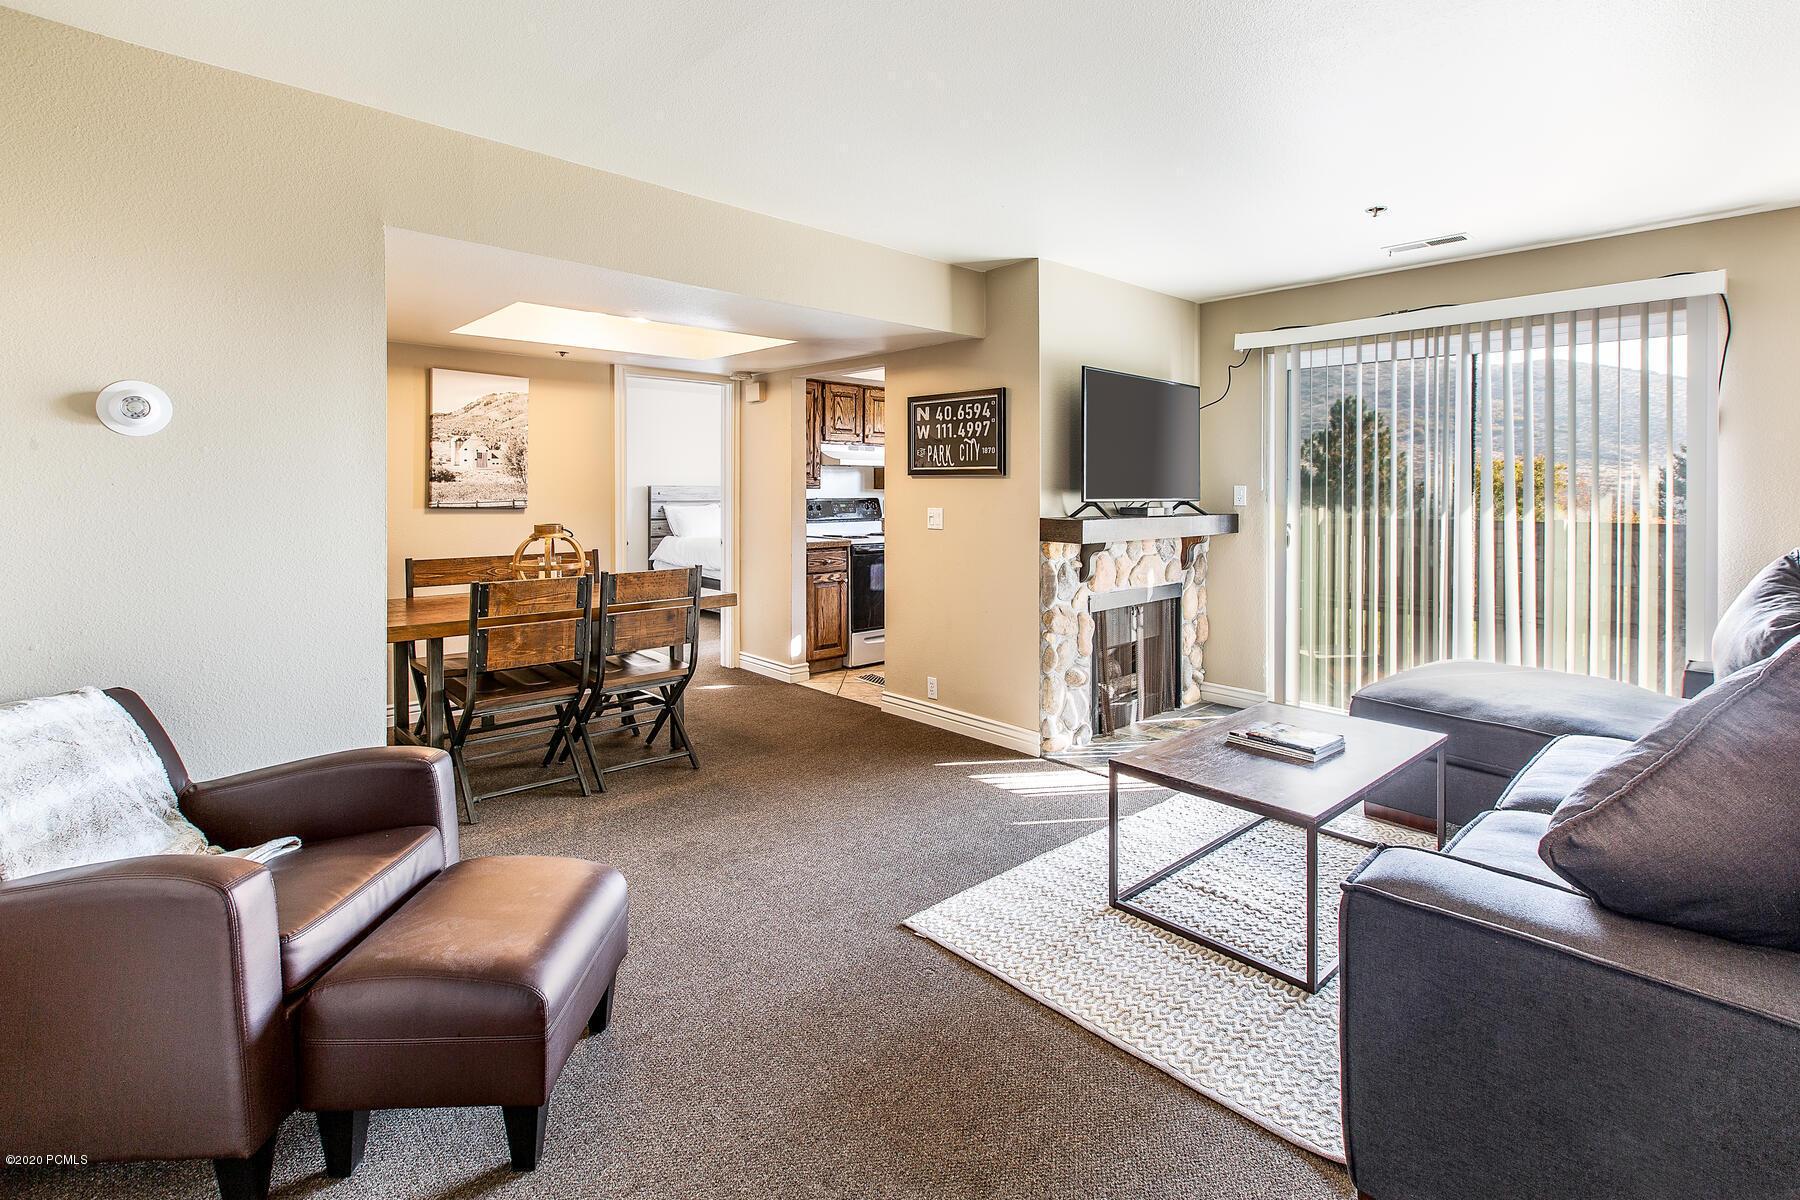 7035 2200 West, Park City, Utah 84098, 1 Bedroom Bedrooms, ,1 BathroomBathrooms,Condominium,For Sale,2200 West,12003871